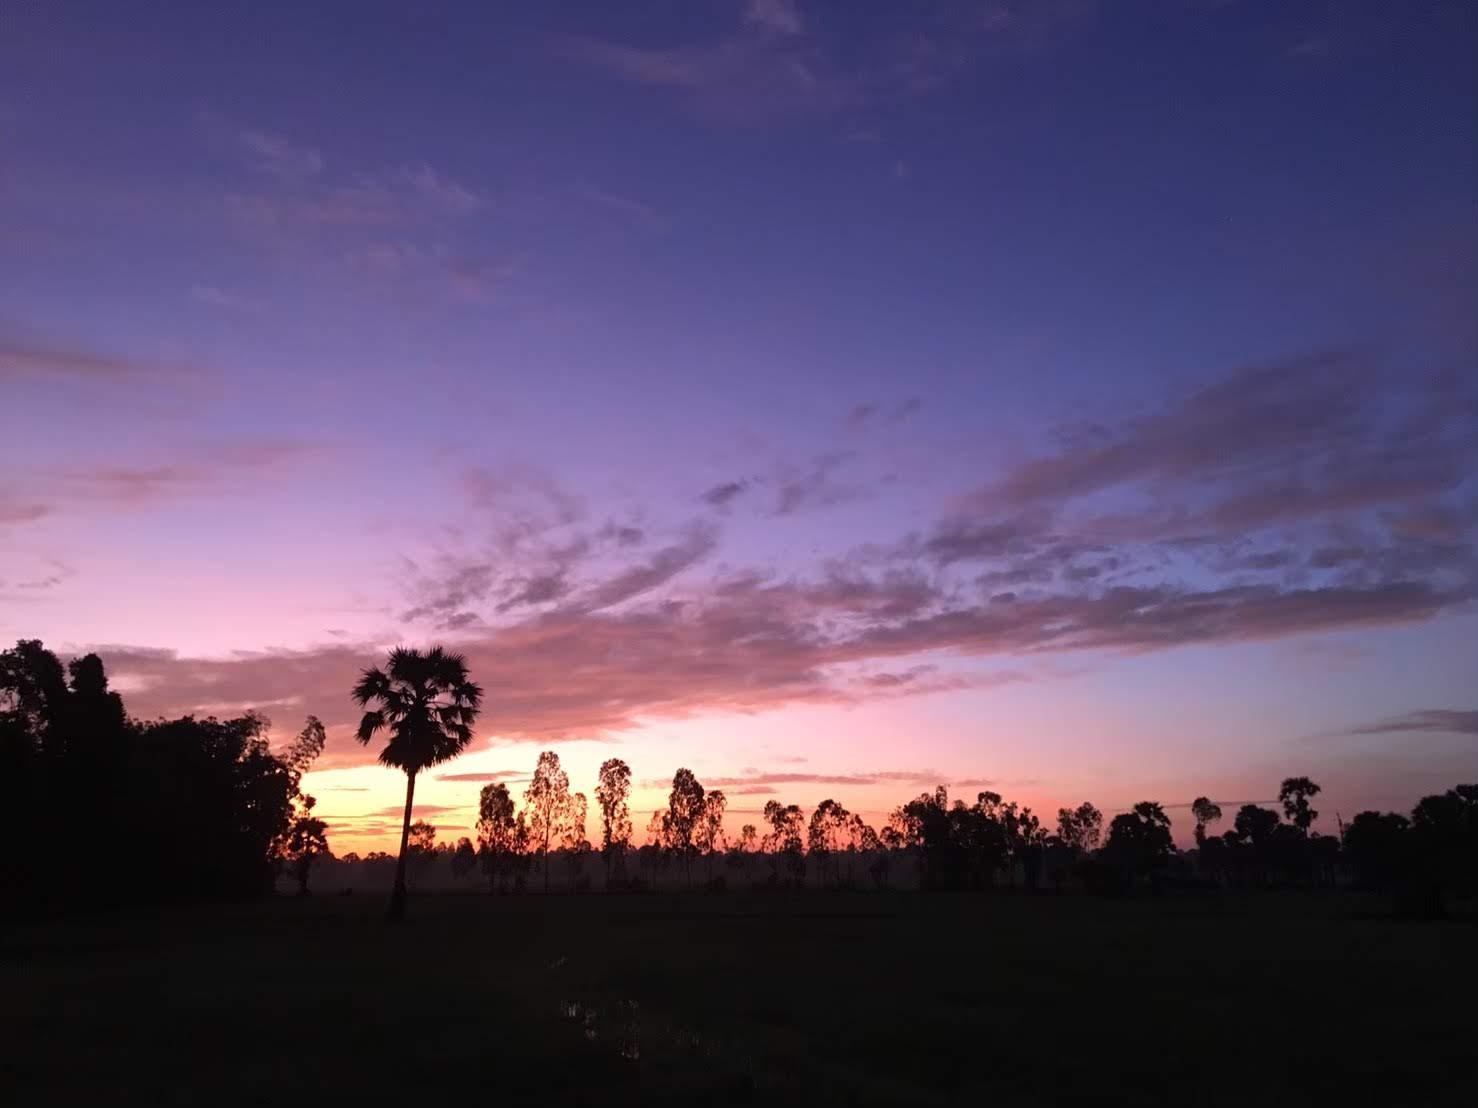 屋外, 夕日, 草, フィールド が含まれている画像  自動的に生成された説明